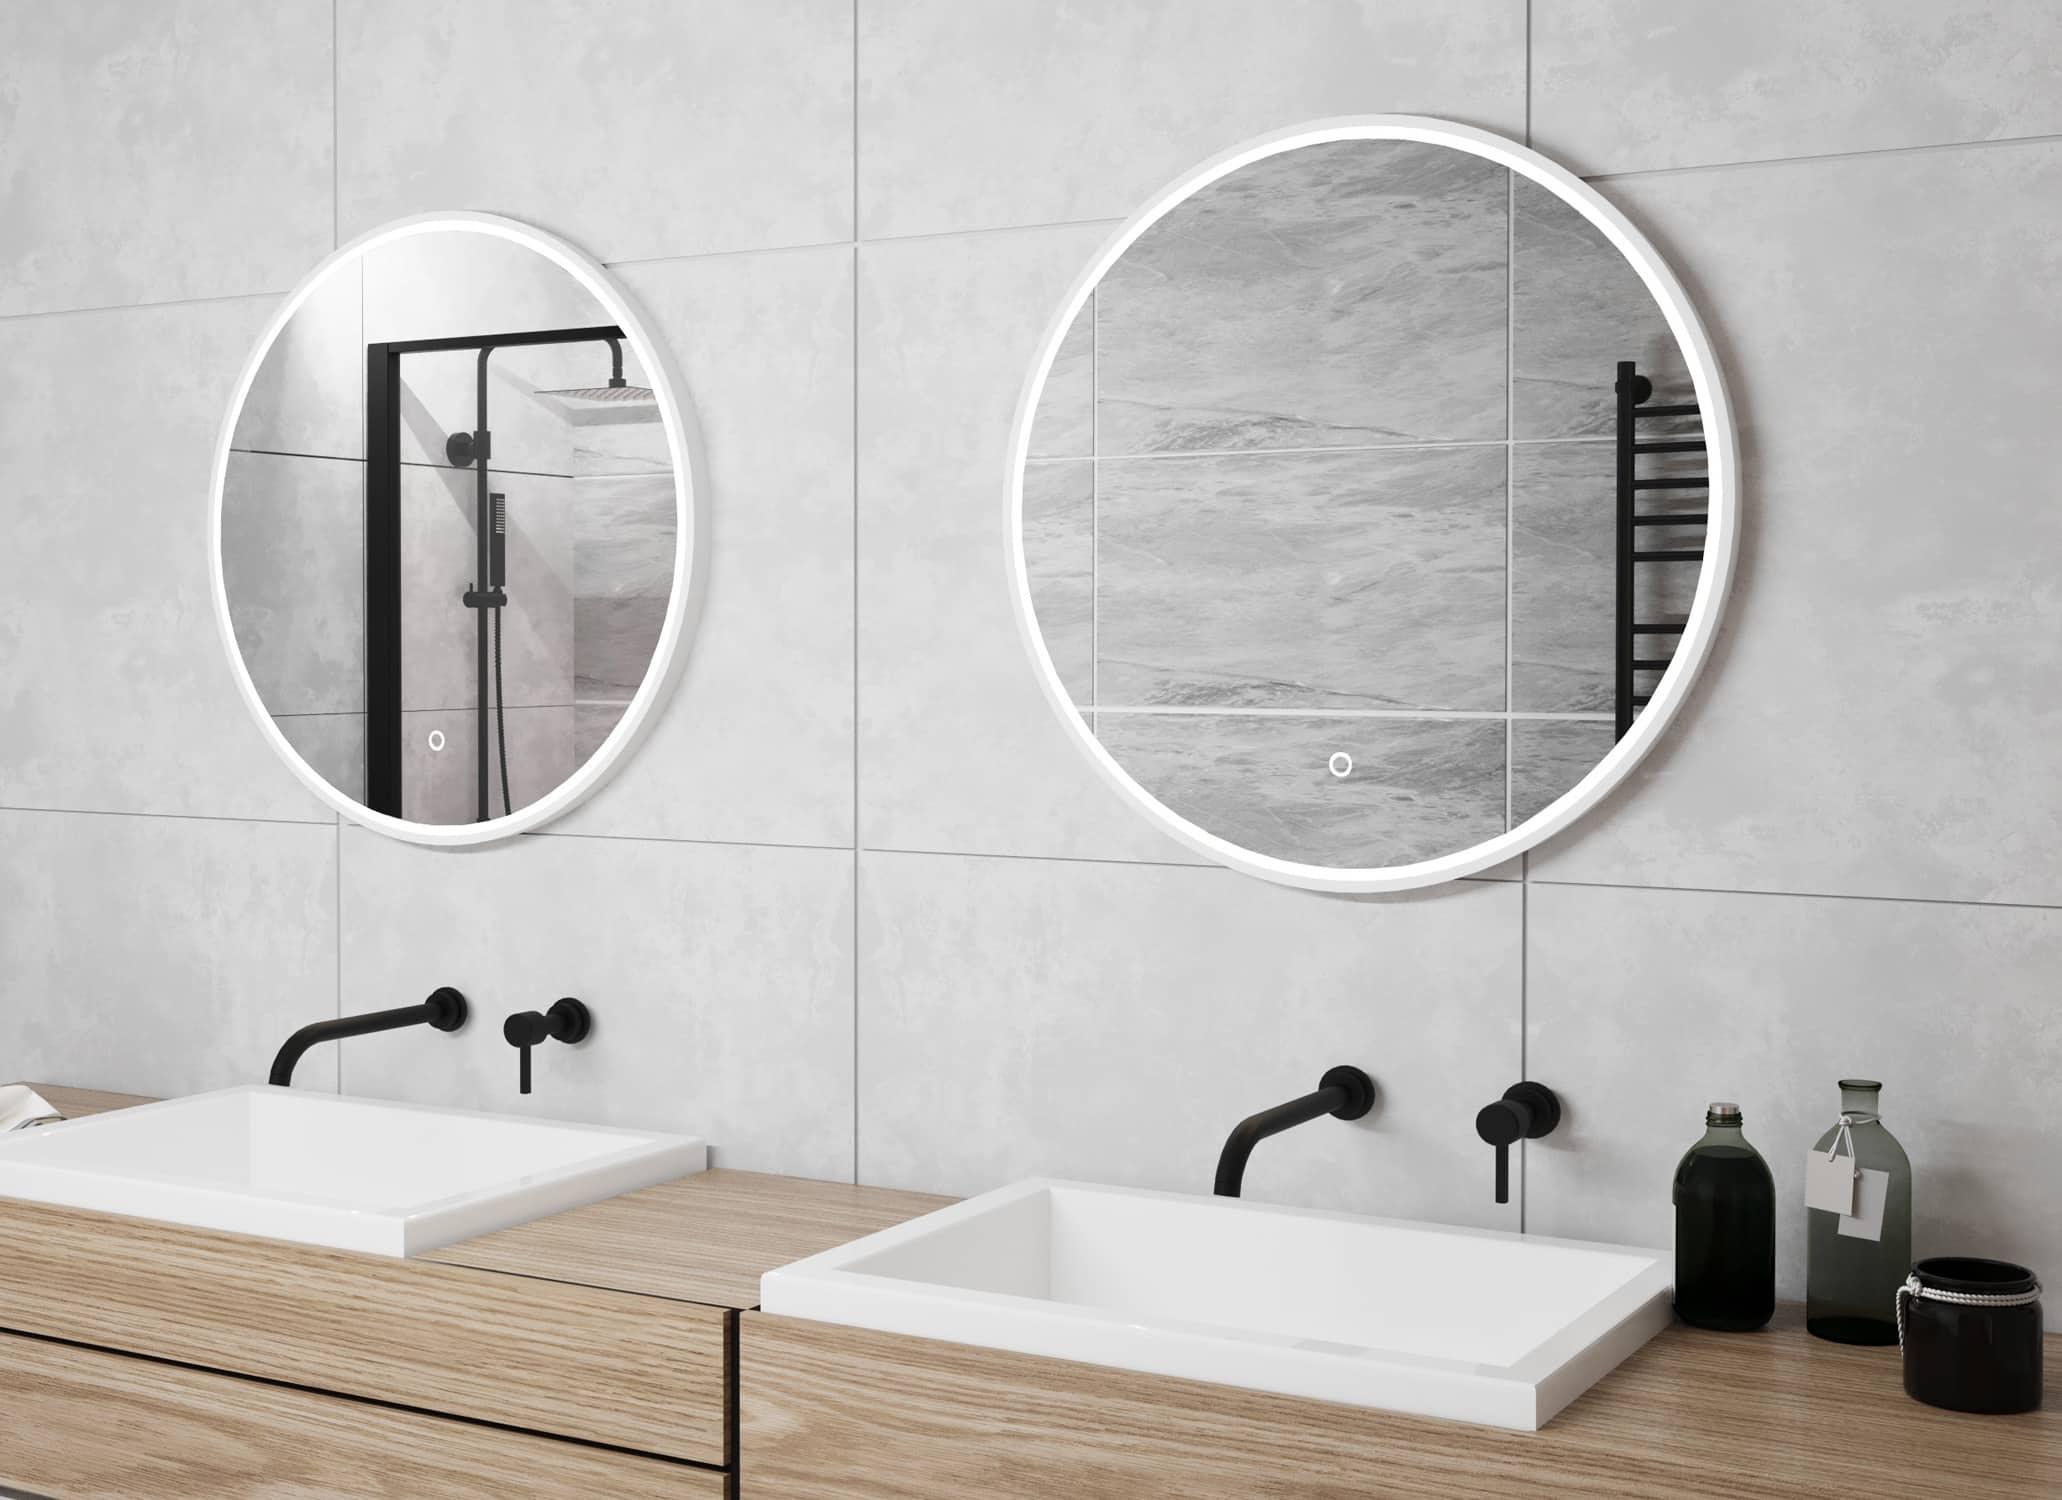 Deze ronde spiegel is uitgevoerd met een groot verwarmingselement, handig! Dit voorkomt een beslagen spiegel.